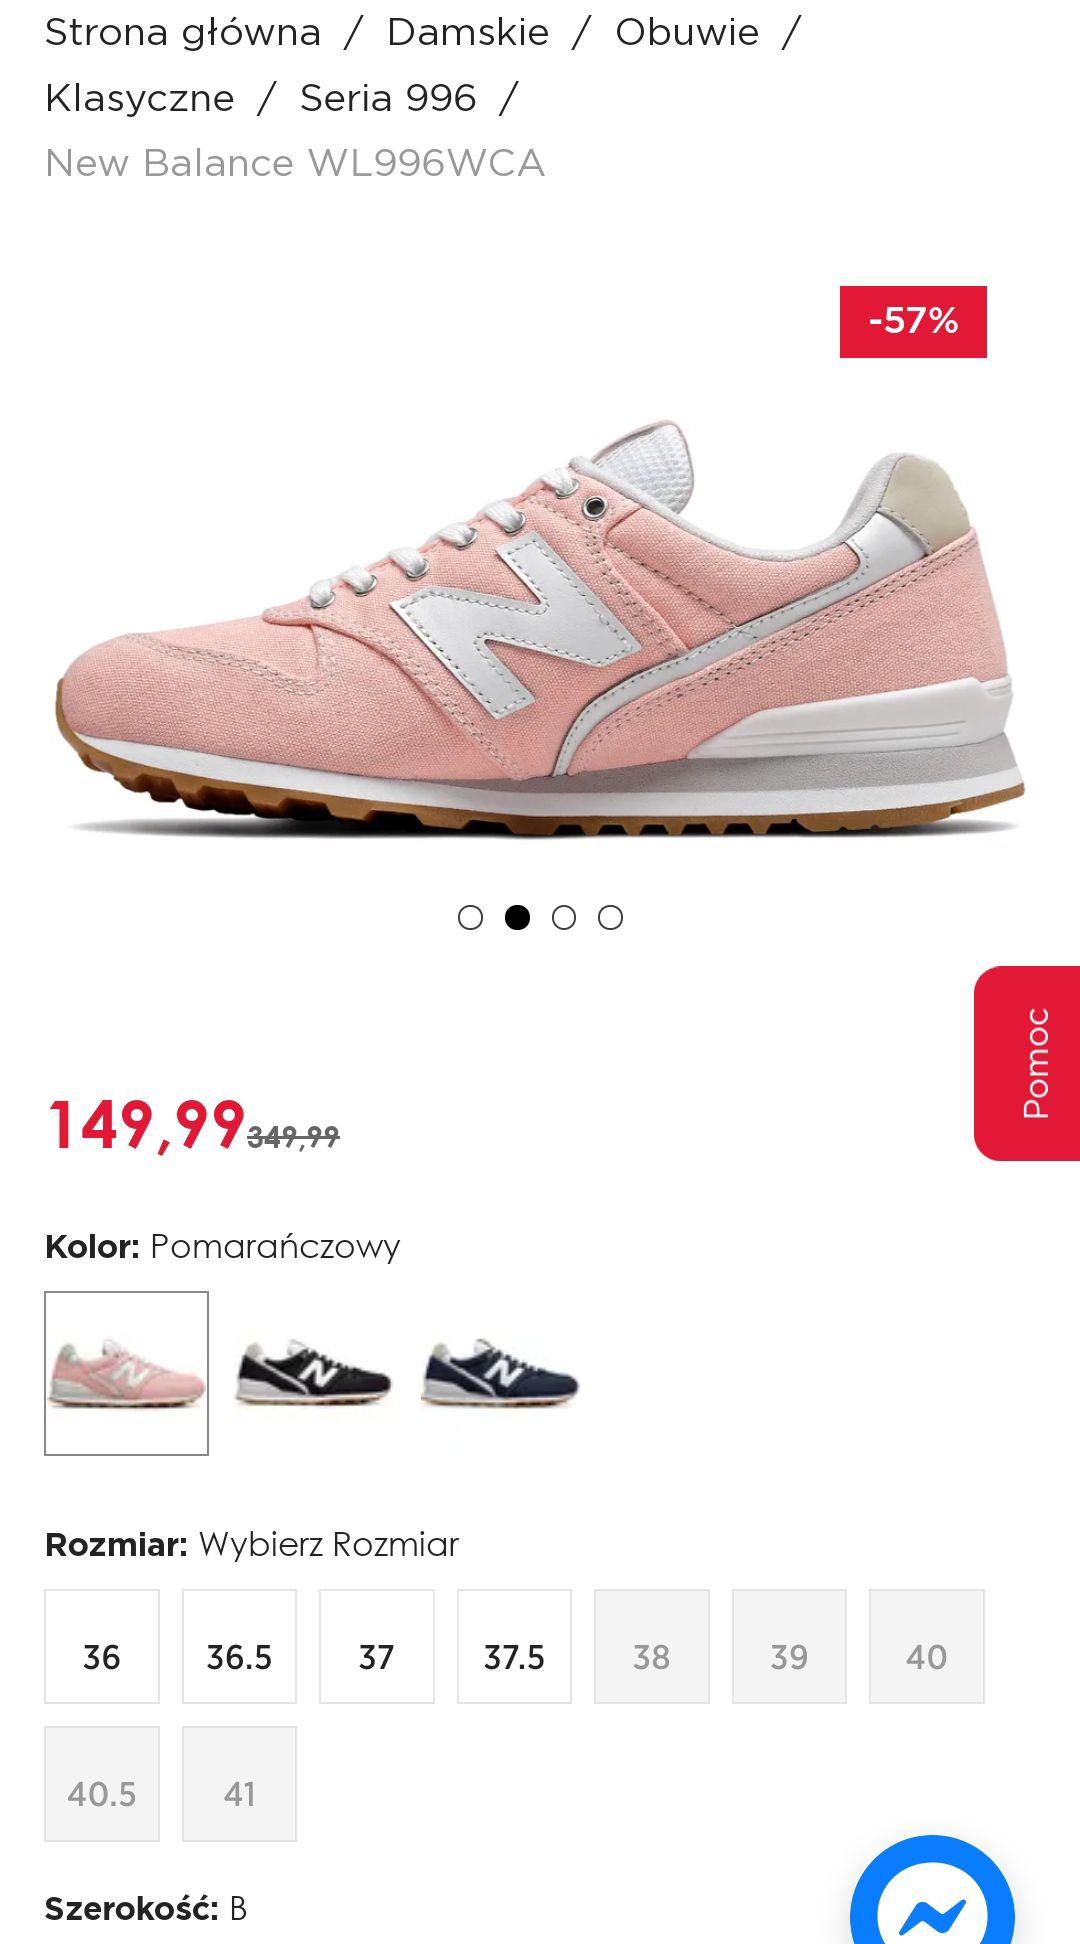 Damskie buty New Balance WL996WCA r. 36-37,5 Darmowa dostawa @NBsklep.pl @NewBalance